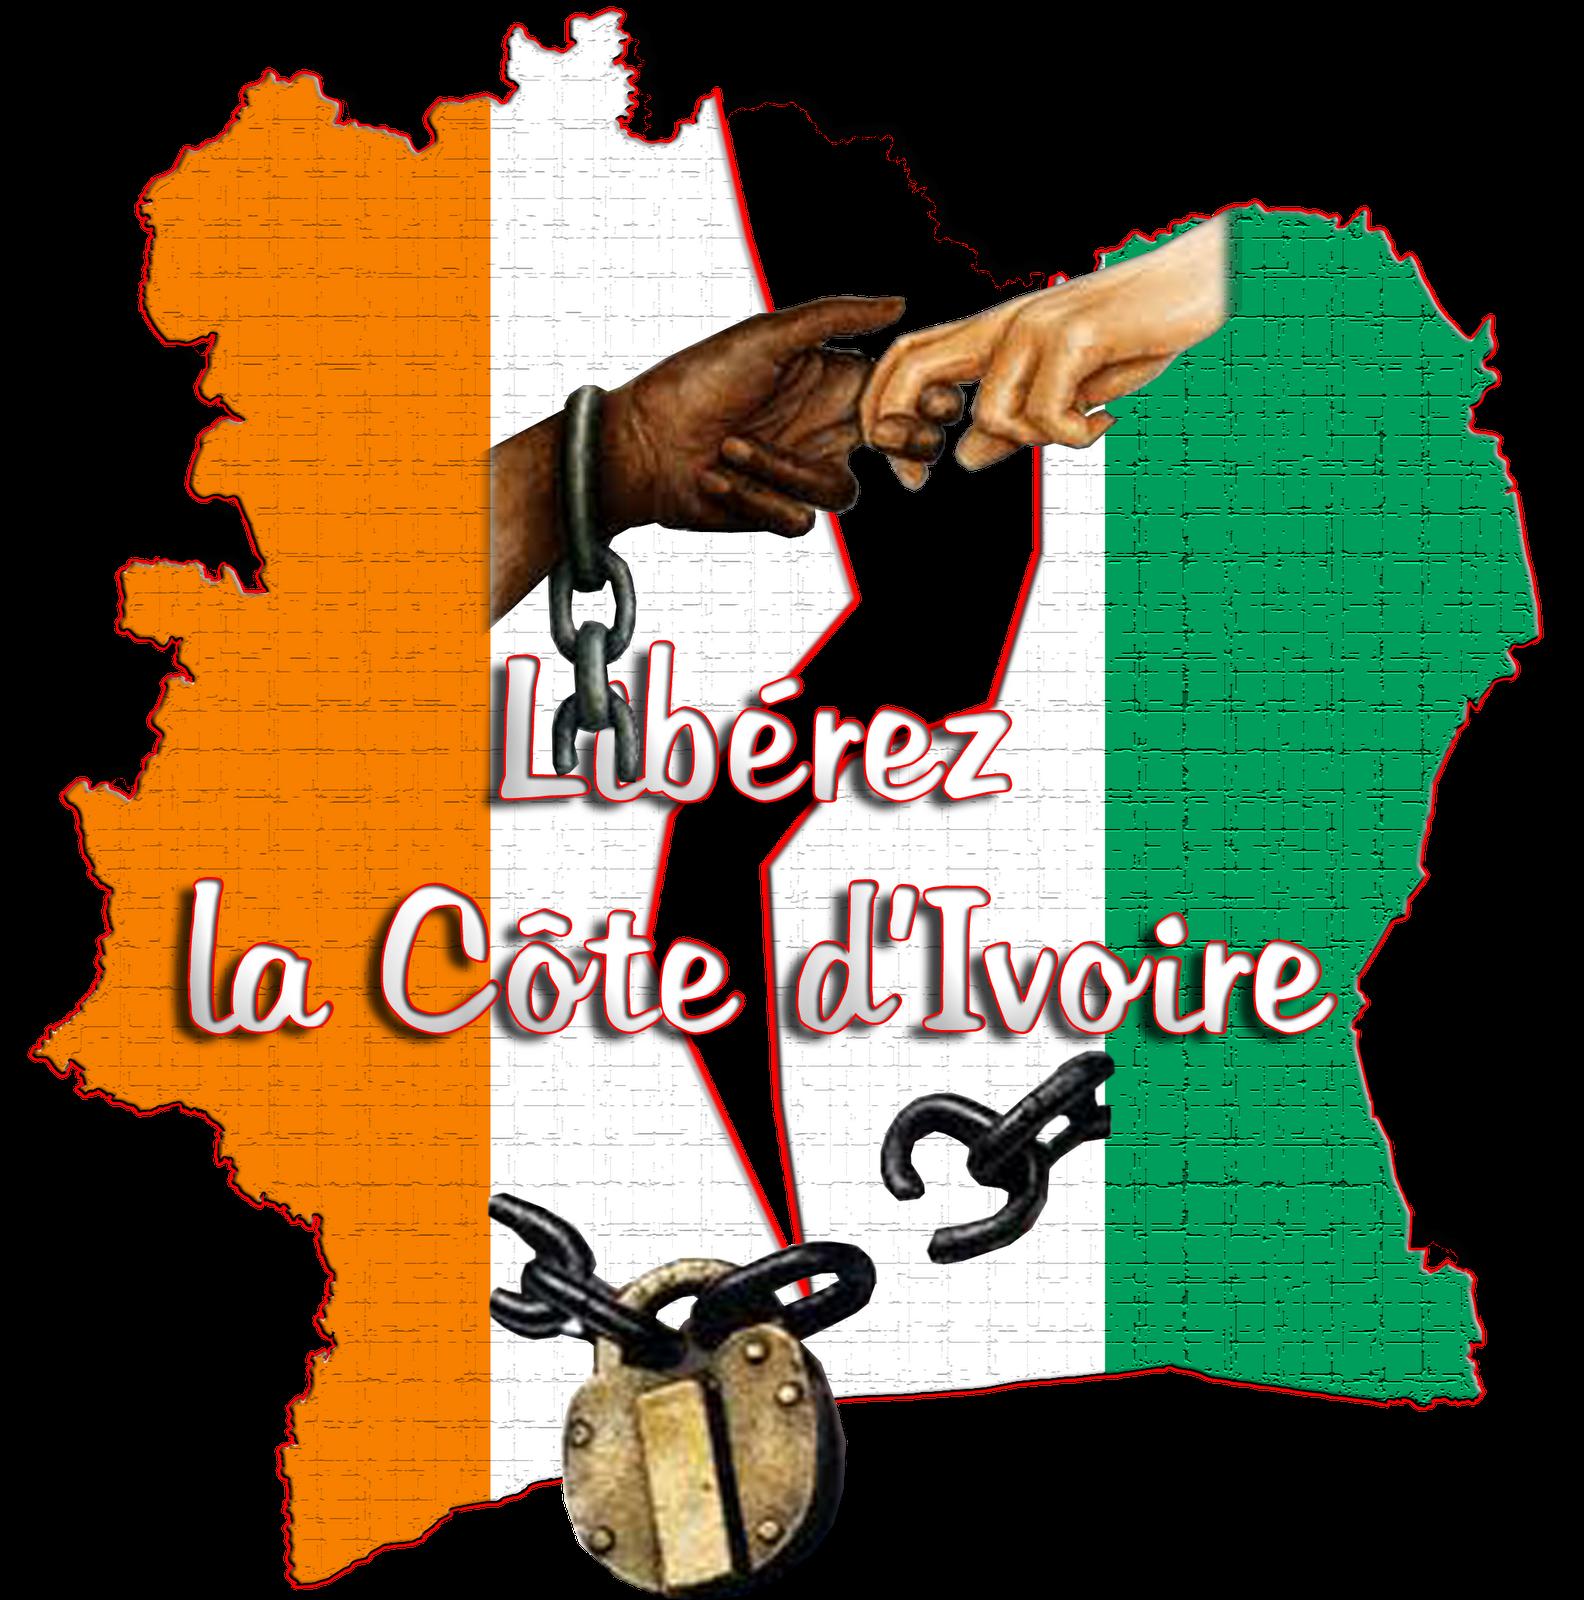 Le silence médiatique sur la Côte d'Ivoire n'est pas le silence de la paix, mais celui de la Terreur !